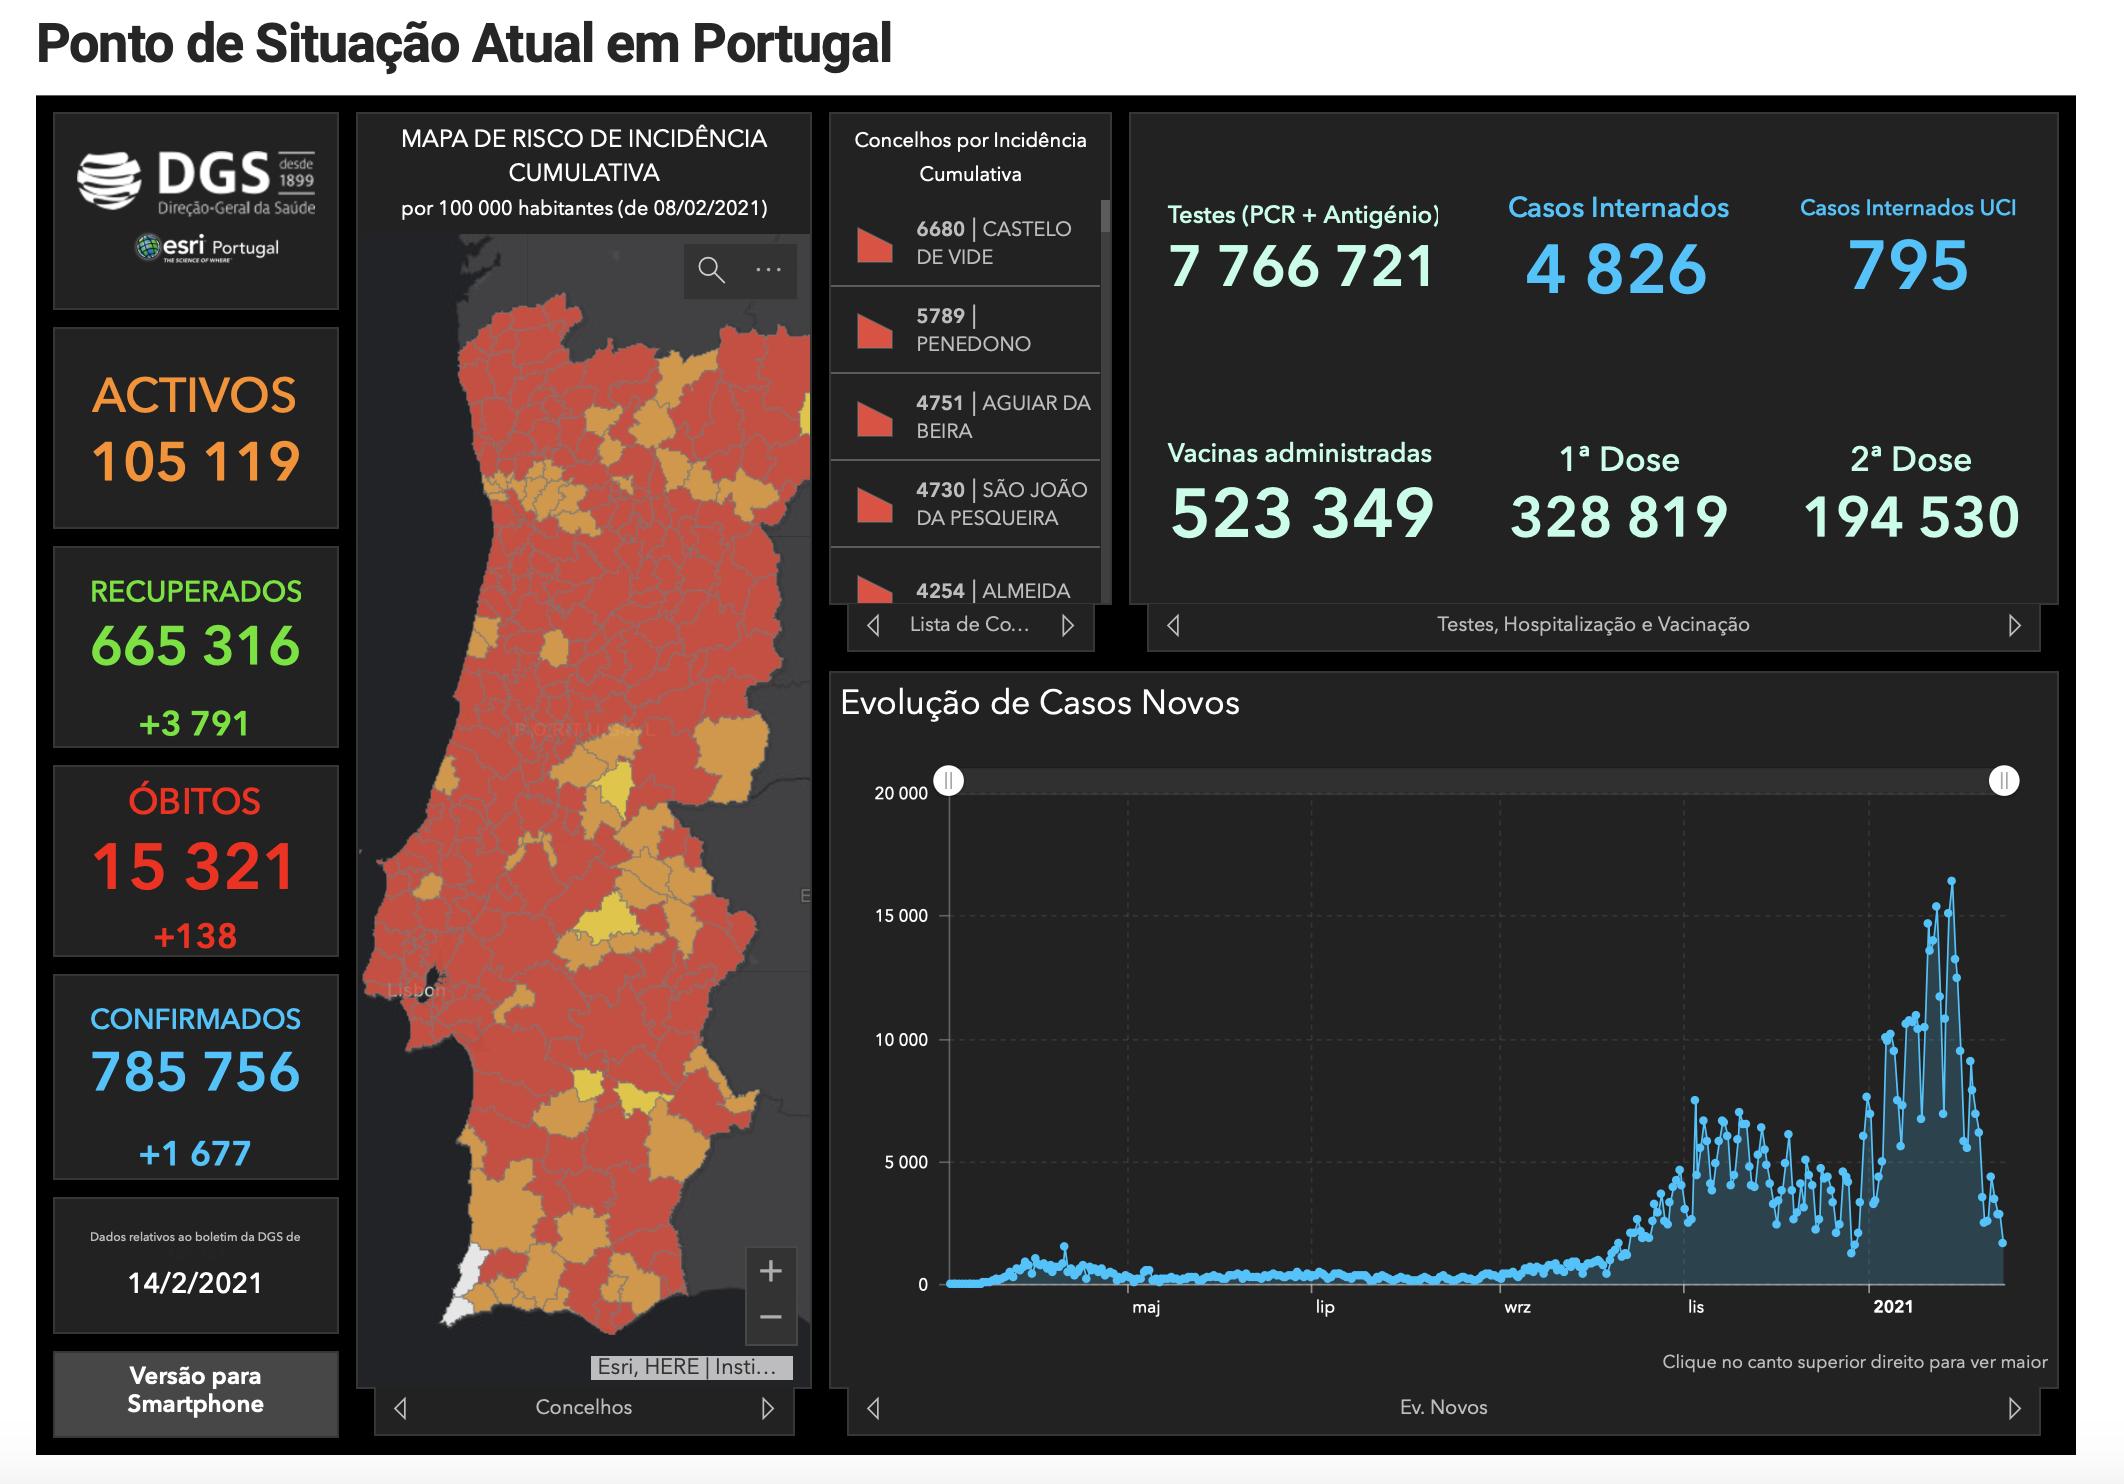 Portugalia Luty 2021 aktualna sytuacja epidemiologiczna COVID-19 Koronawirus Testy Szczepionki Zasady Regulacje Prawo Loty Czy można zwiedzać jakie reguły informacje serwis o Lizbonie